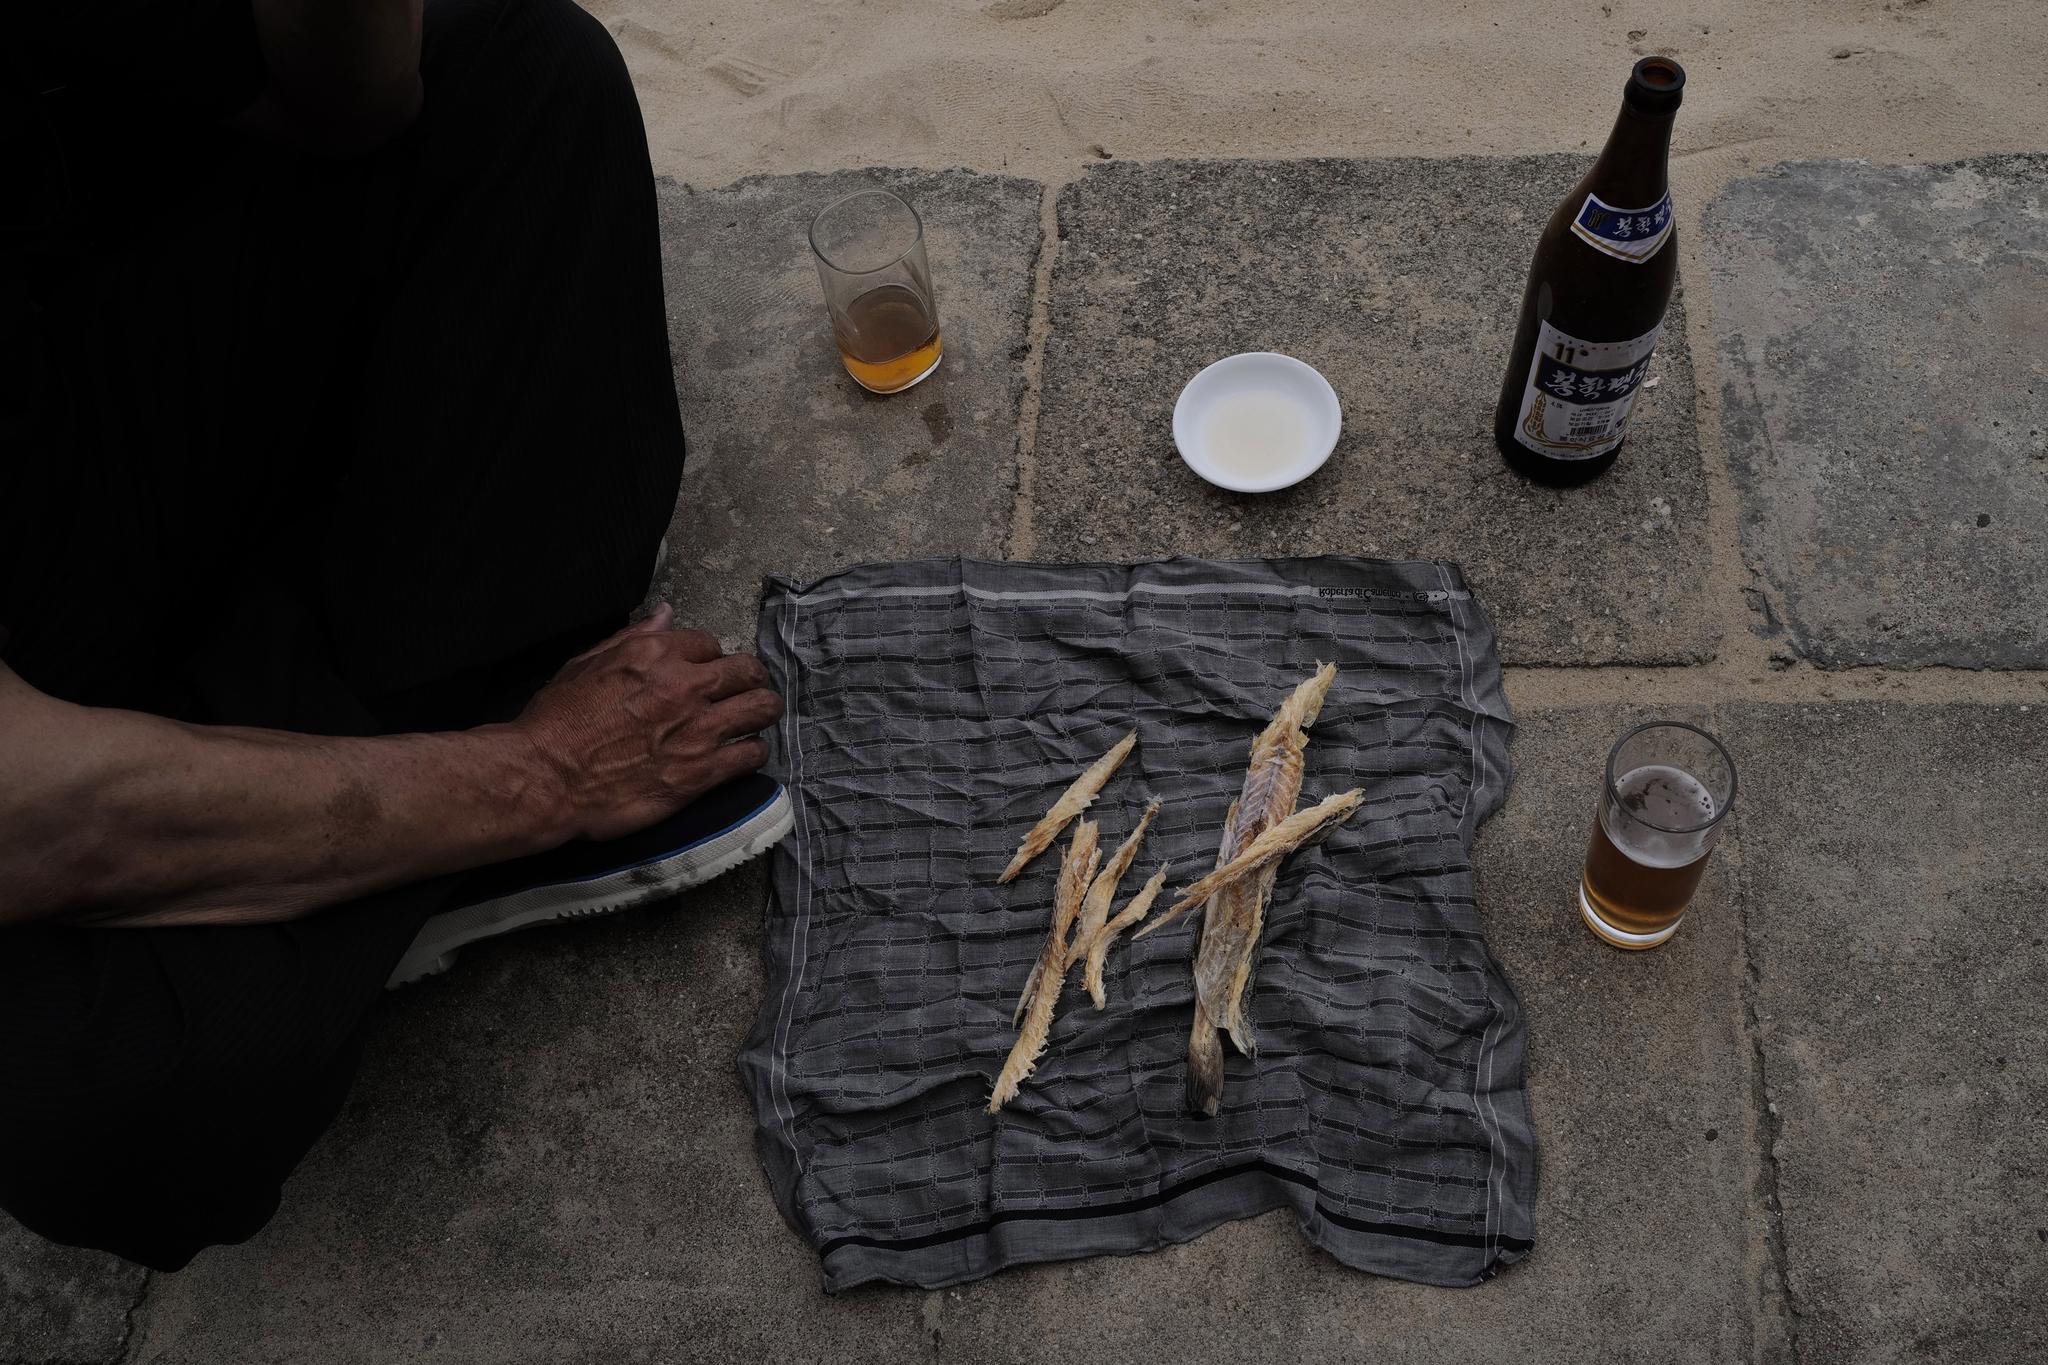 시중호 해수욕장의 맥주 한잔. 명태포를 안주로 맥주를 즐기고 있다. [AP=연합뉴스]